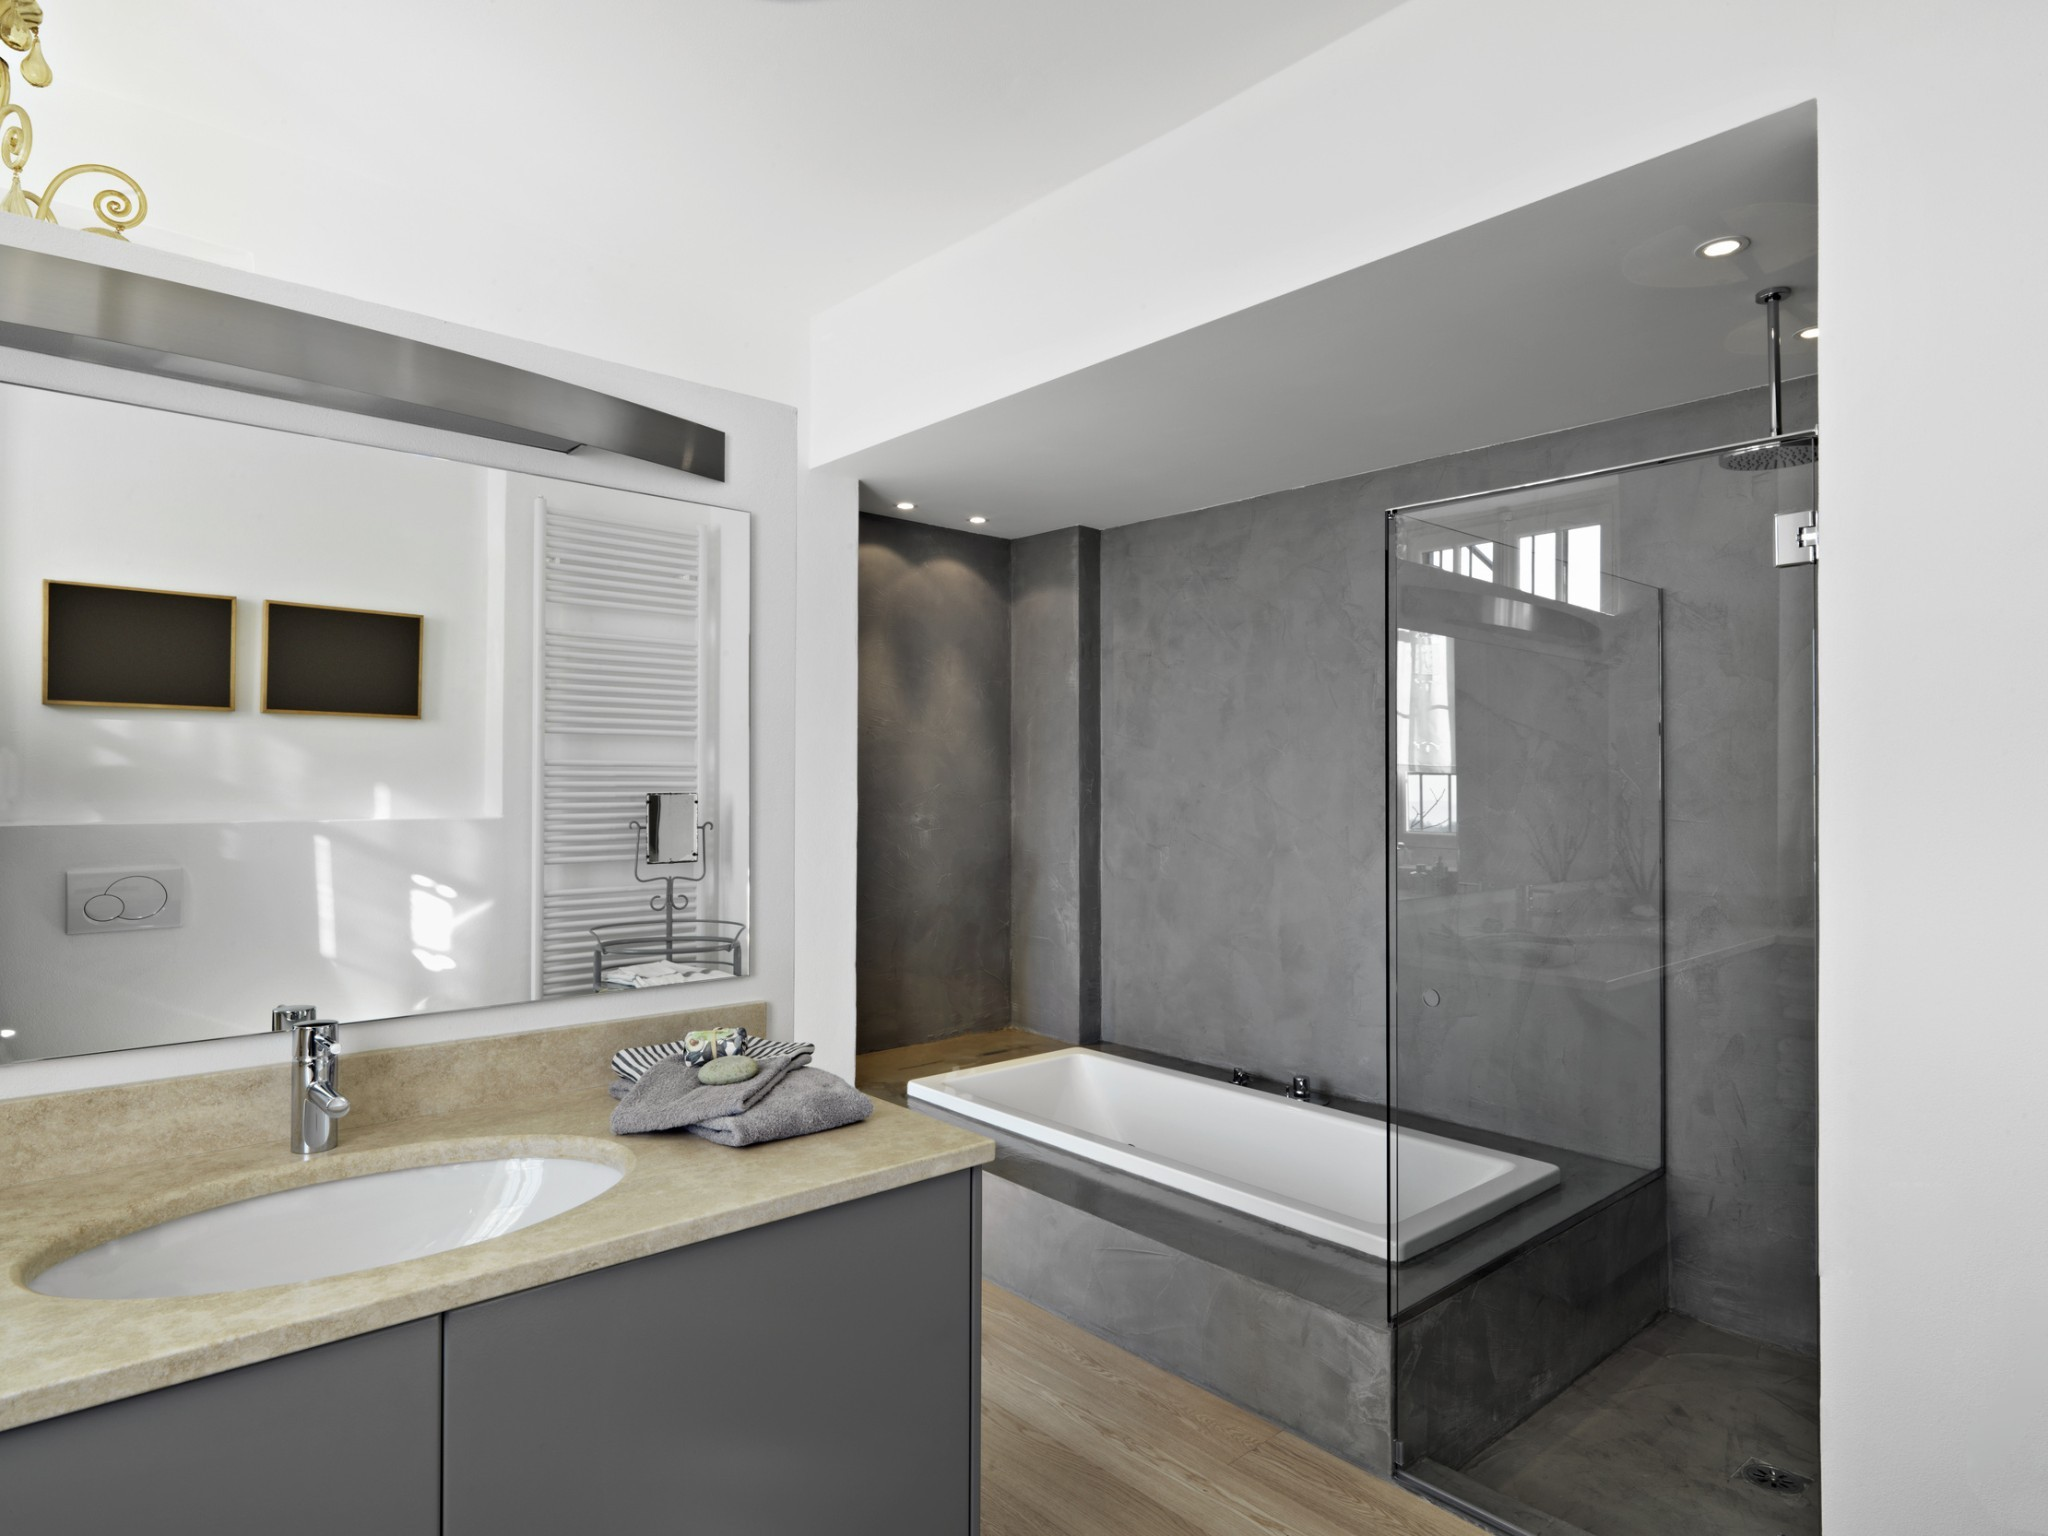 Avantages d 39 une salle de bain en beton cir harmony b ton - Beton cire dans une salle de bain ...